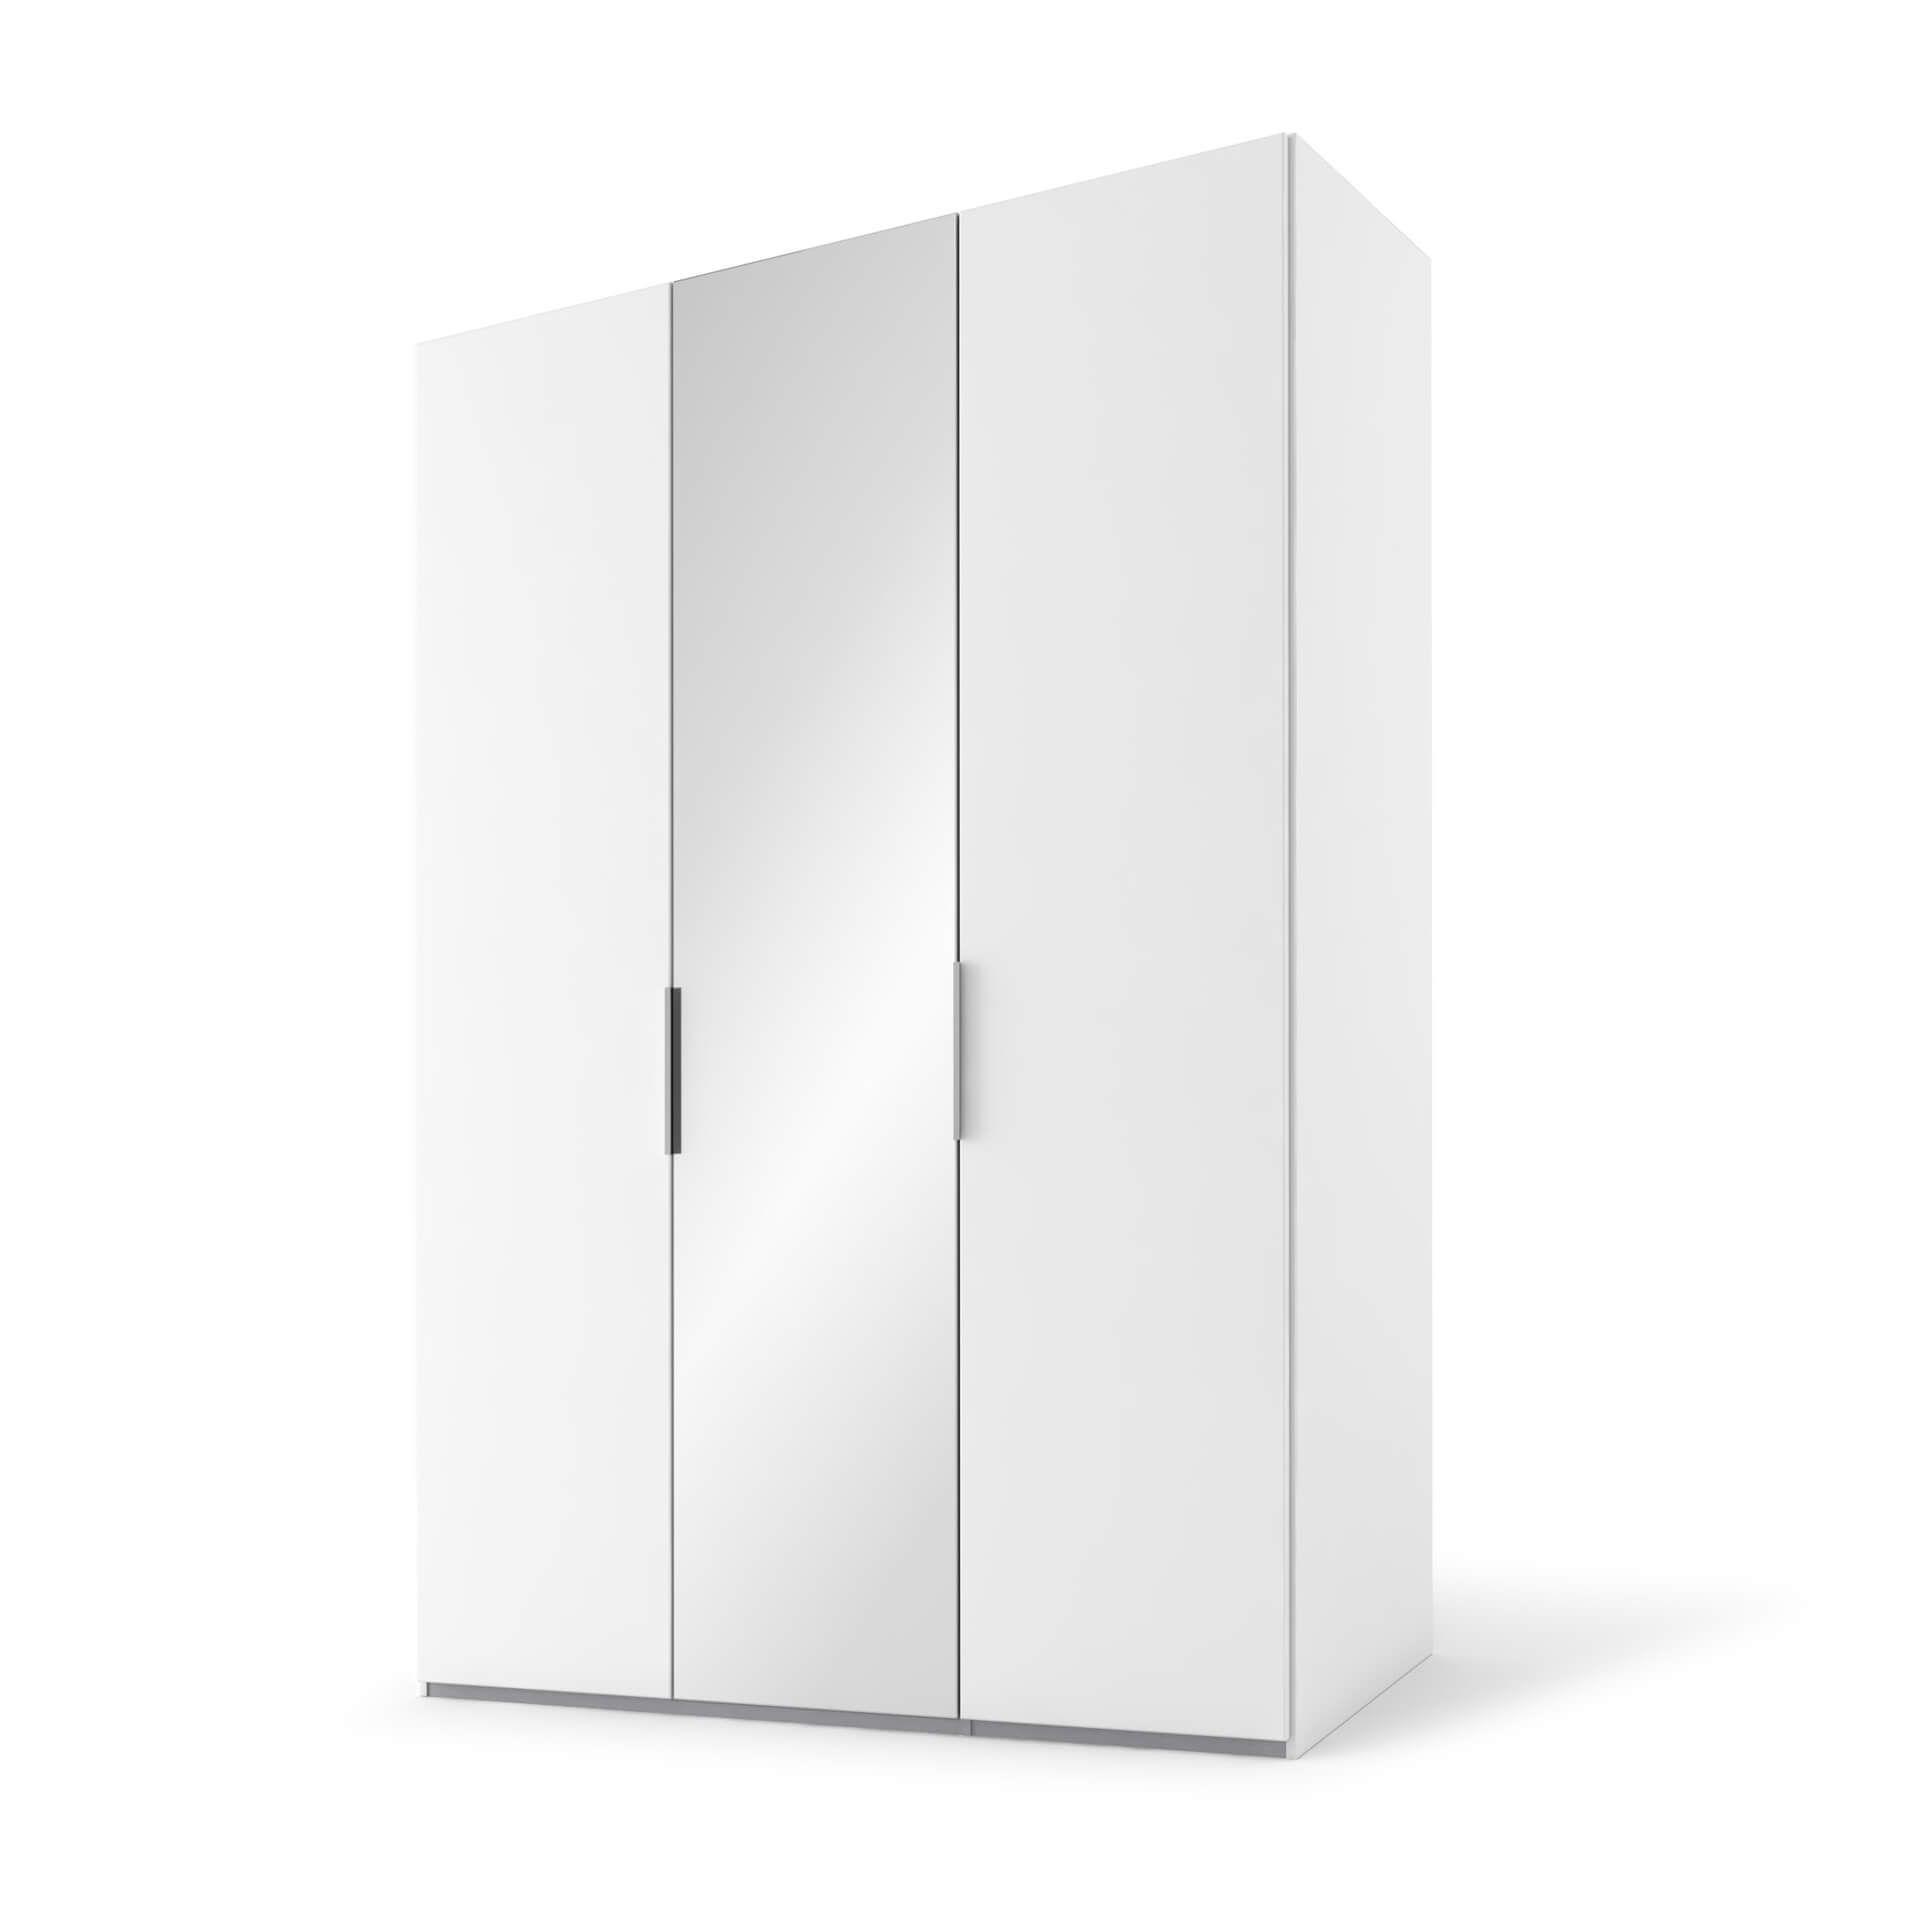 Nolte swift Draaideurkast - 3 deurs Poolwit met sp